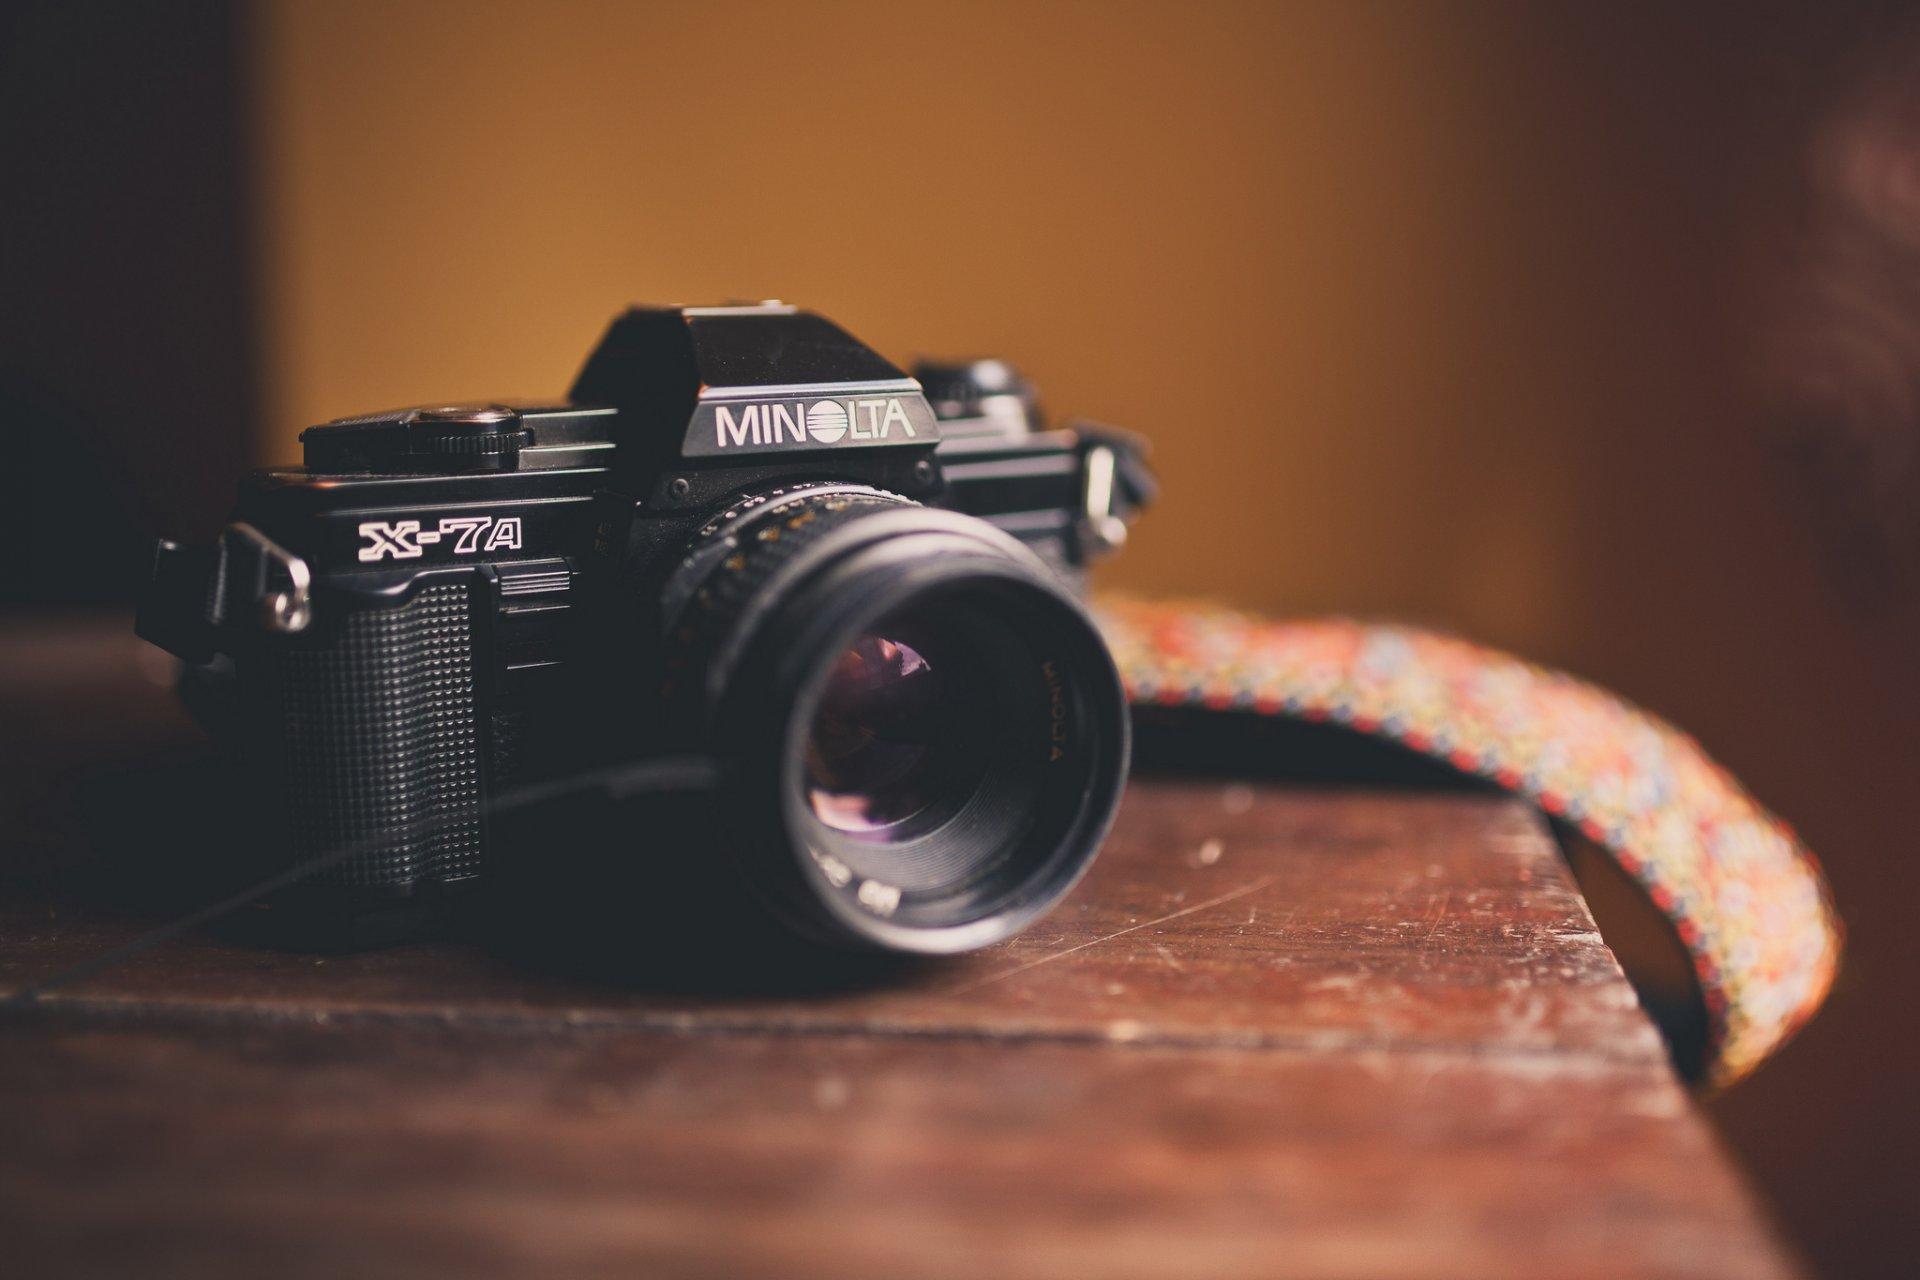 фотоаппарат для размытого фона актриса одна